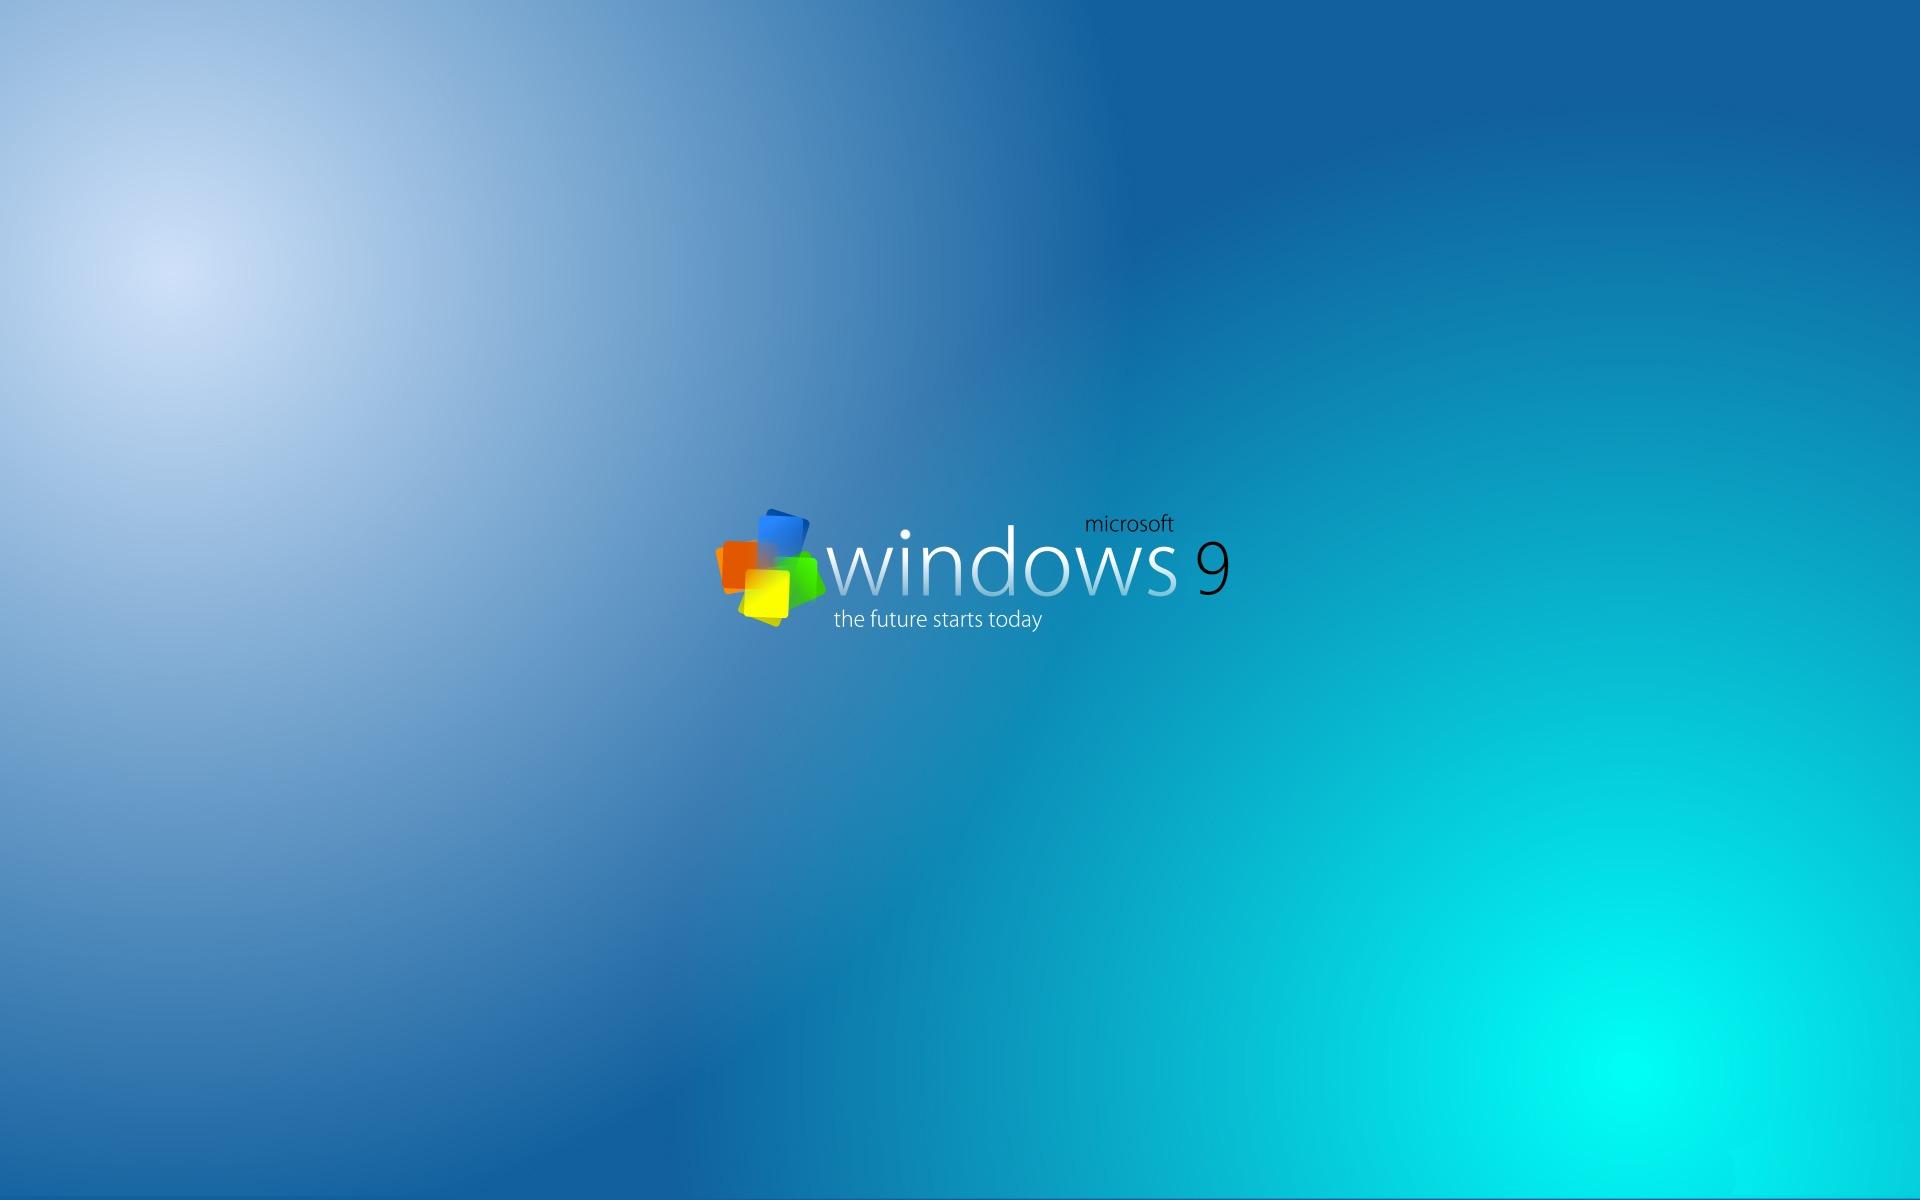 Windows 高清壁纸 桌面背景 1920x1200 Id 457590 Wallpaper Abyss